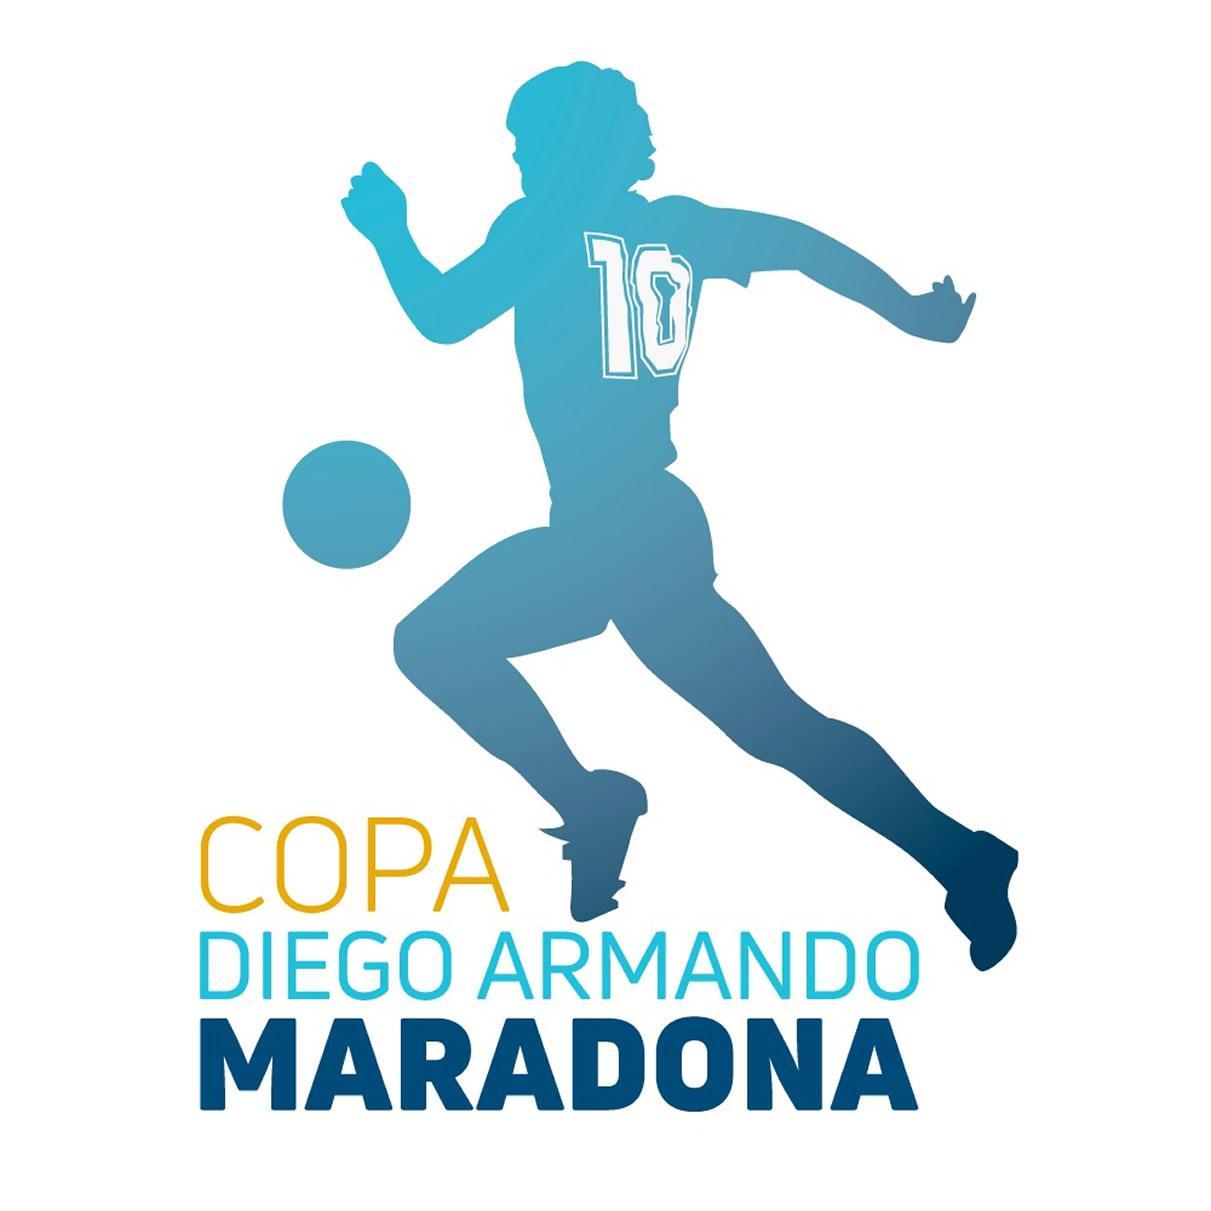 Logo de la Copa Diego Armando Maradona 2020 | Imagen Diario Olé